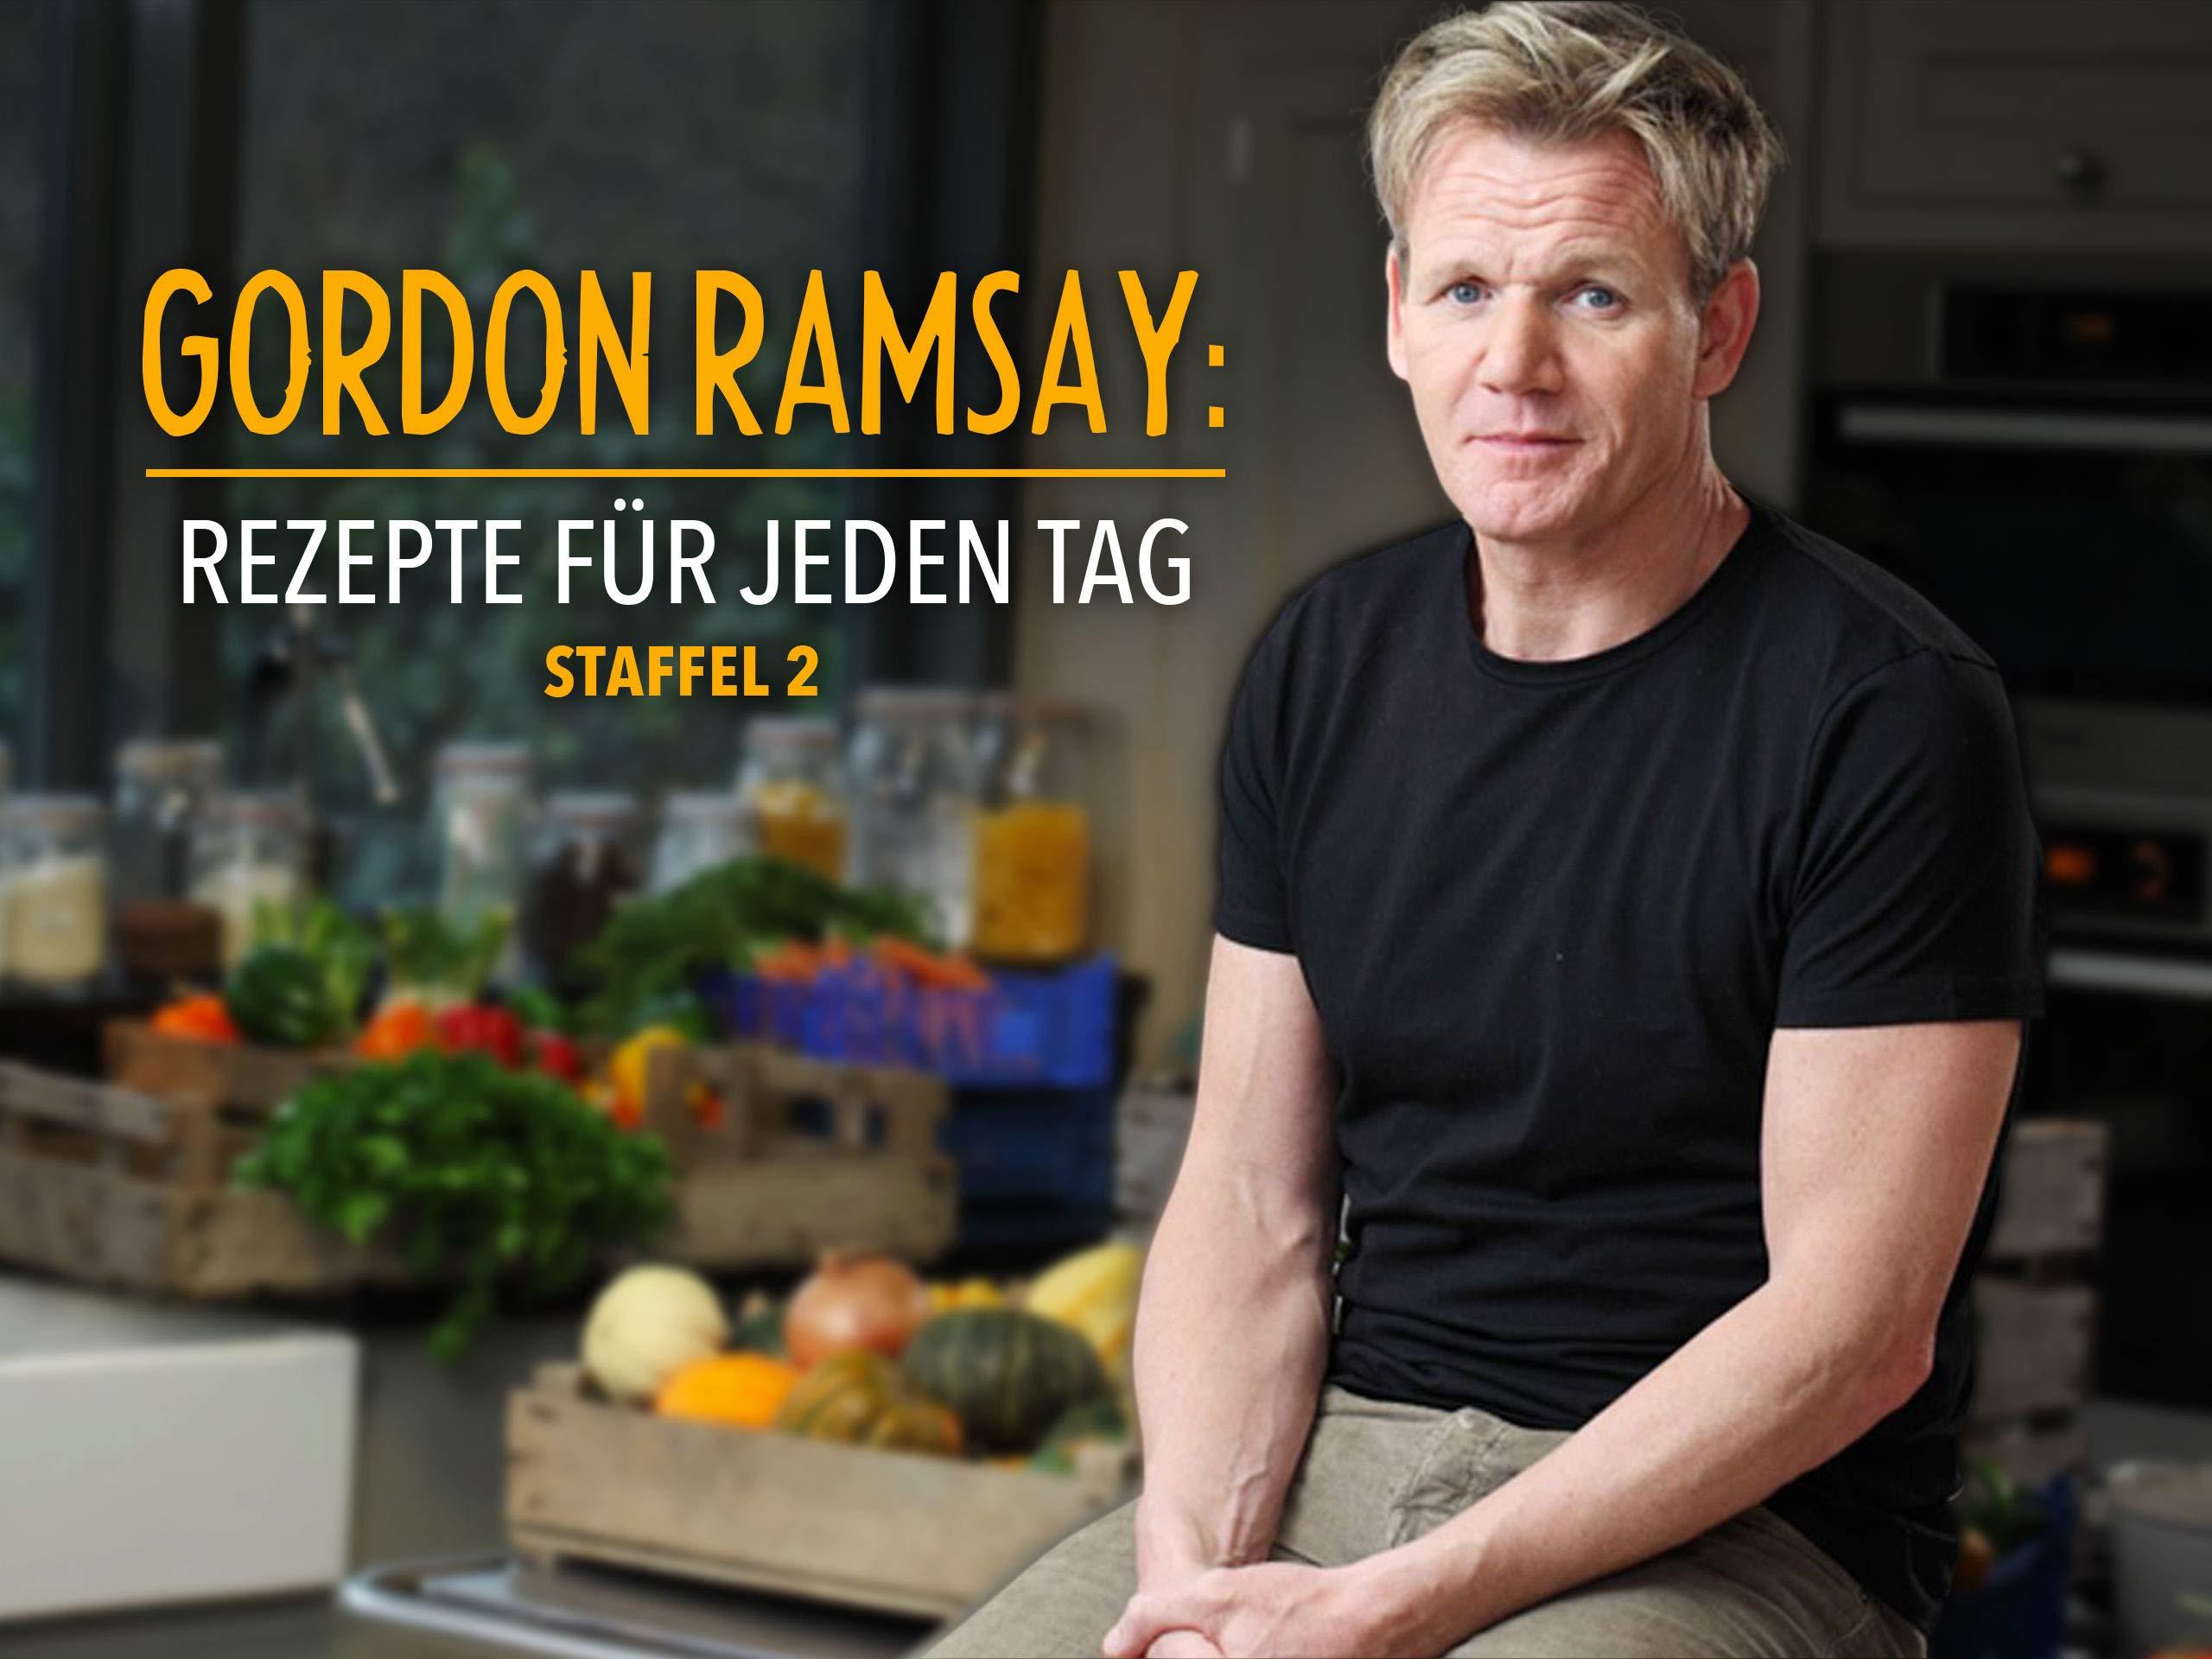 Gordon Ramsay Rezepte